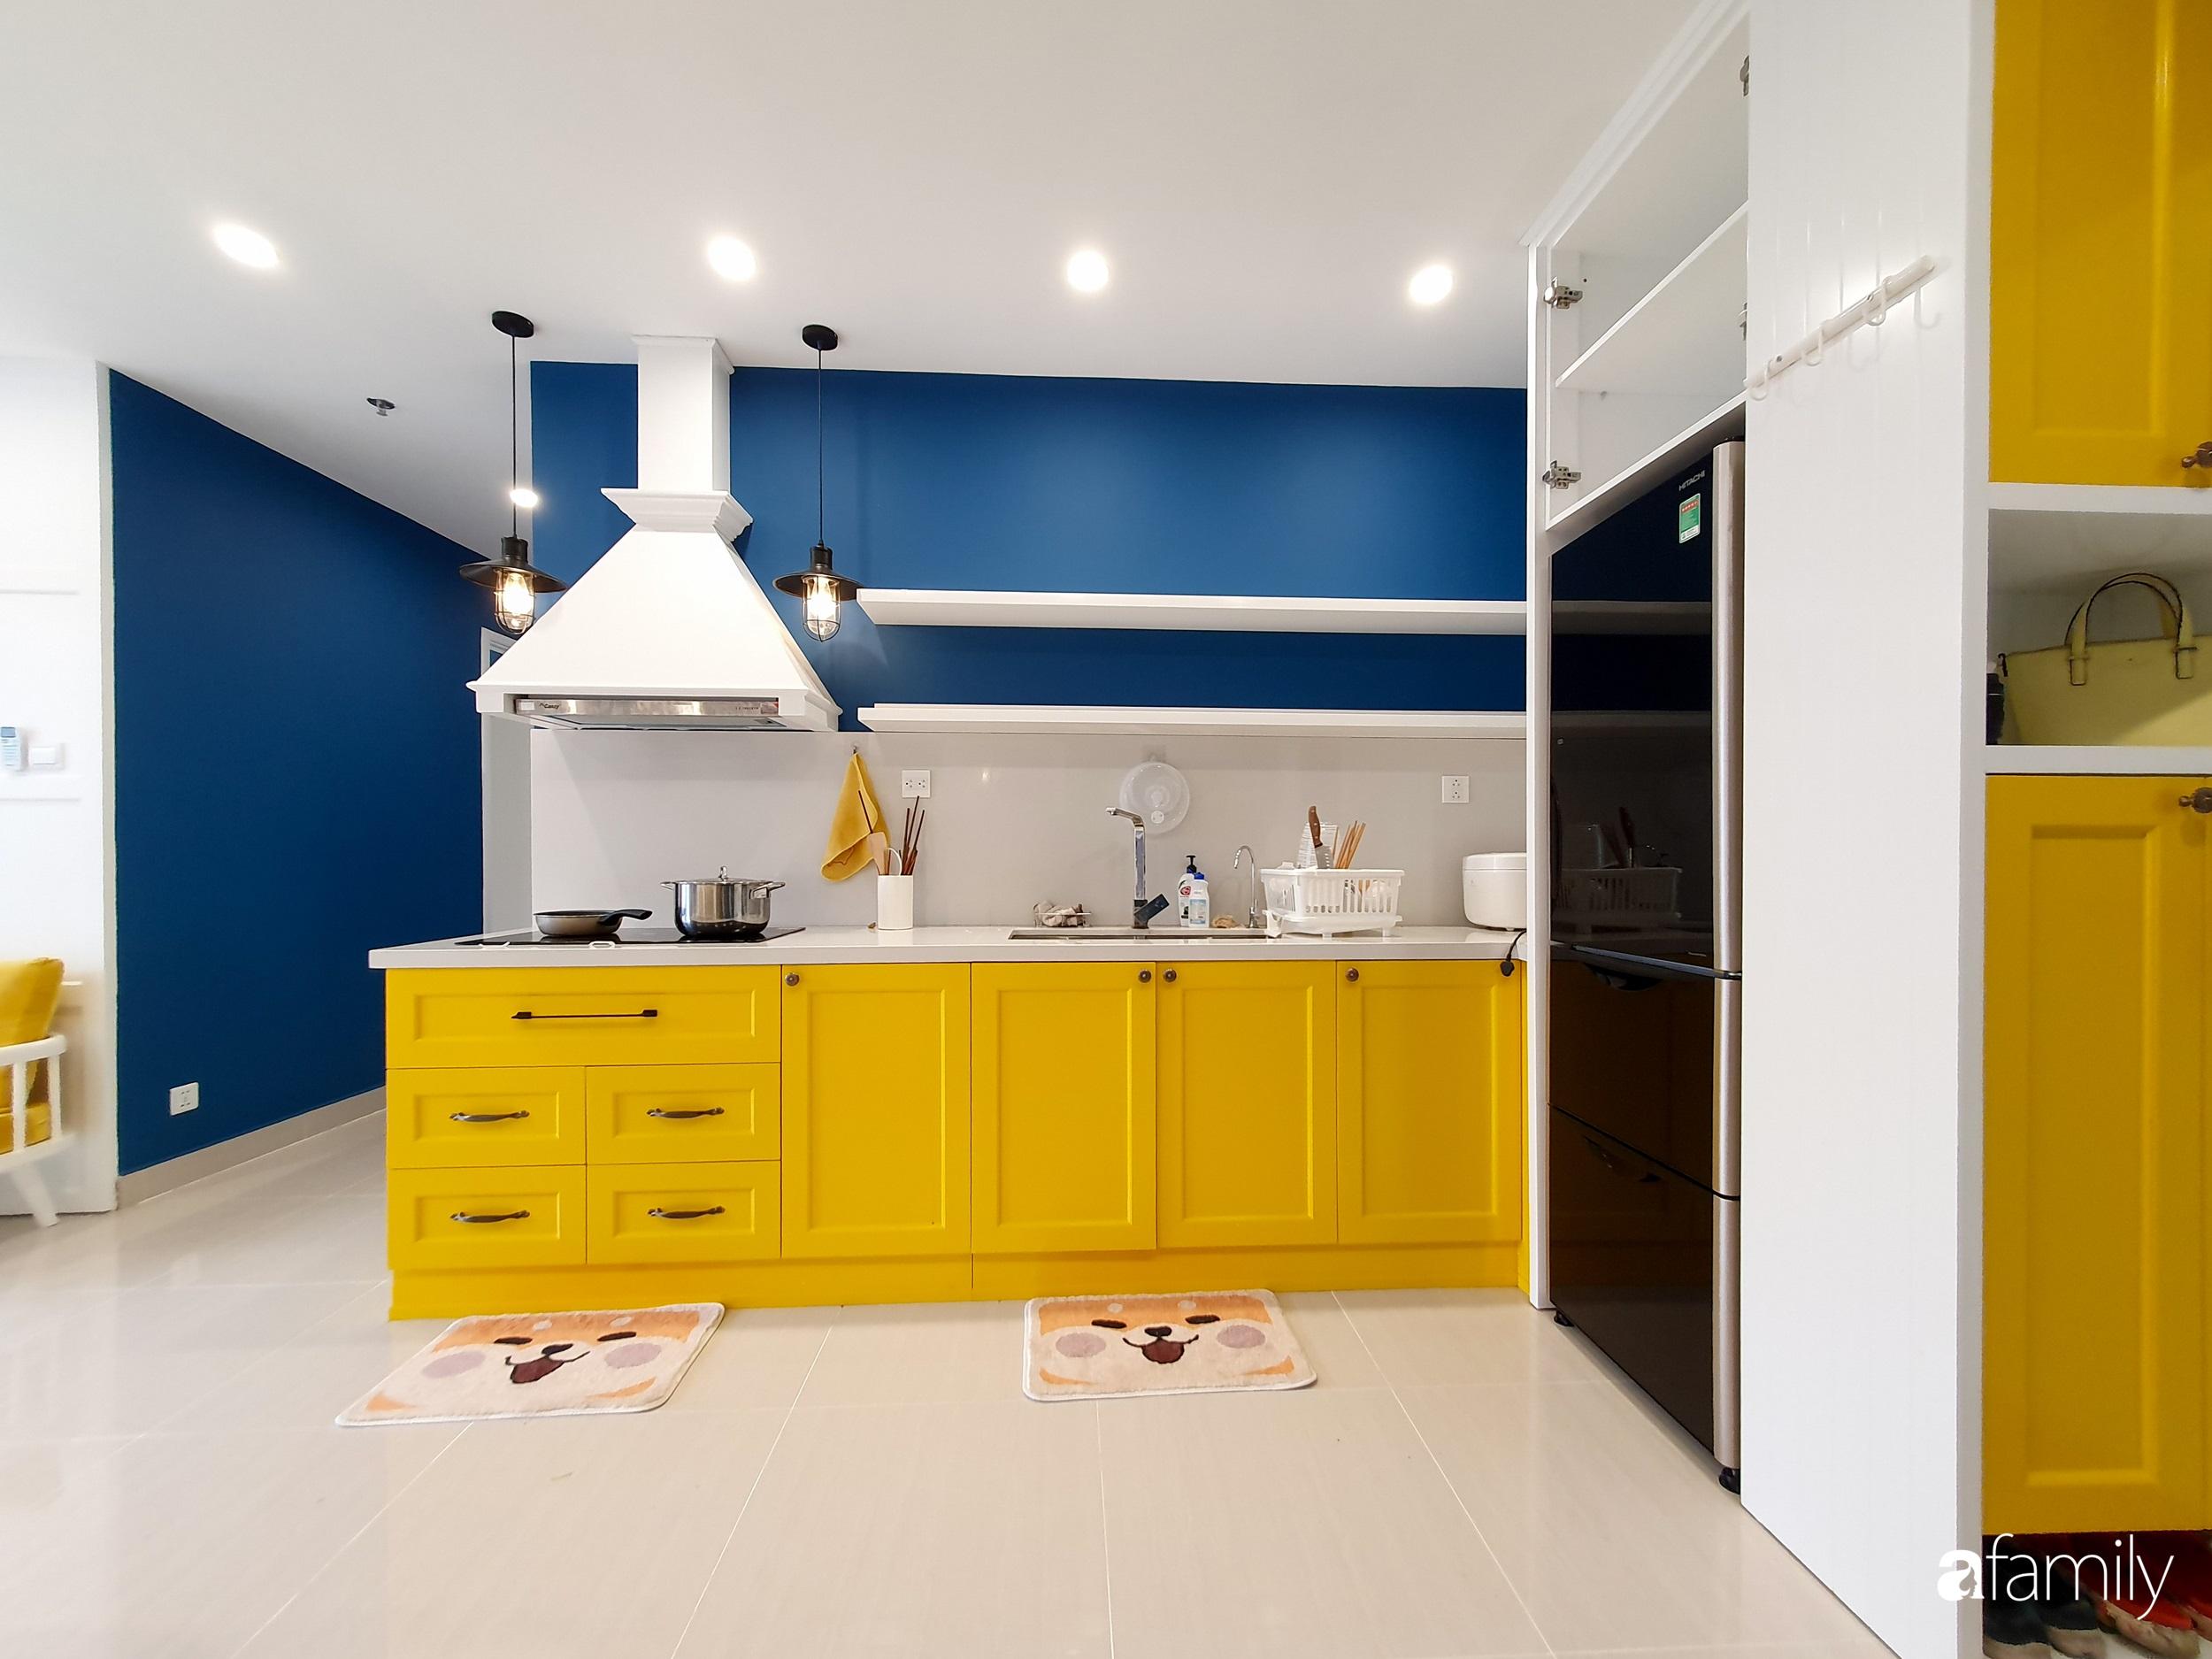 Căn hộ 75m² cá tính với cách phối màu vàng - xanh tinh tế có chi phí hoàn thiện 270 triệu đồng ở Hà Nội - Ảnh 5.